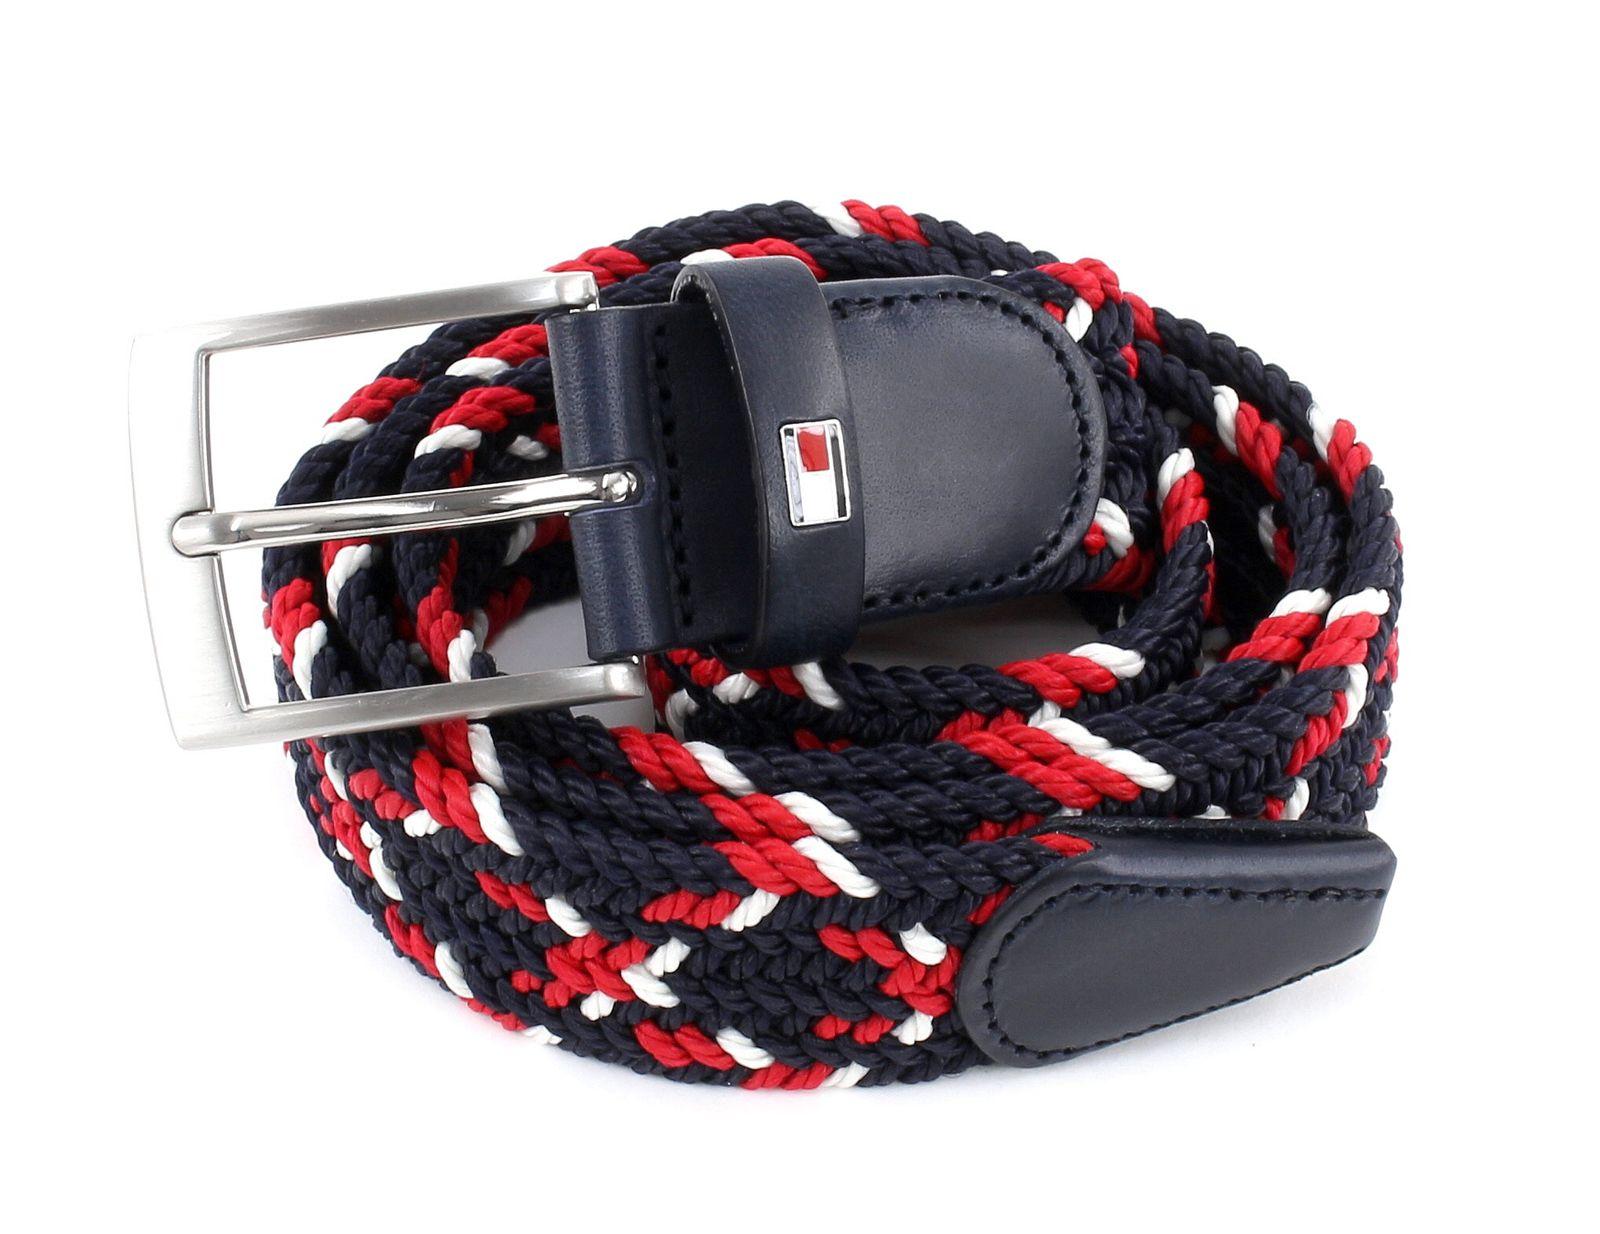 tommy hilfiger belt new adan multi 3 5 w115 red white blue. Black Bedroom Furniture Sets. Home Design Ideas